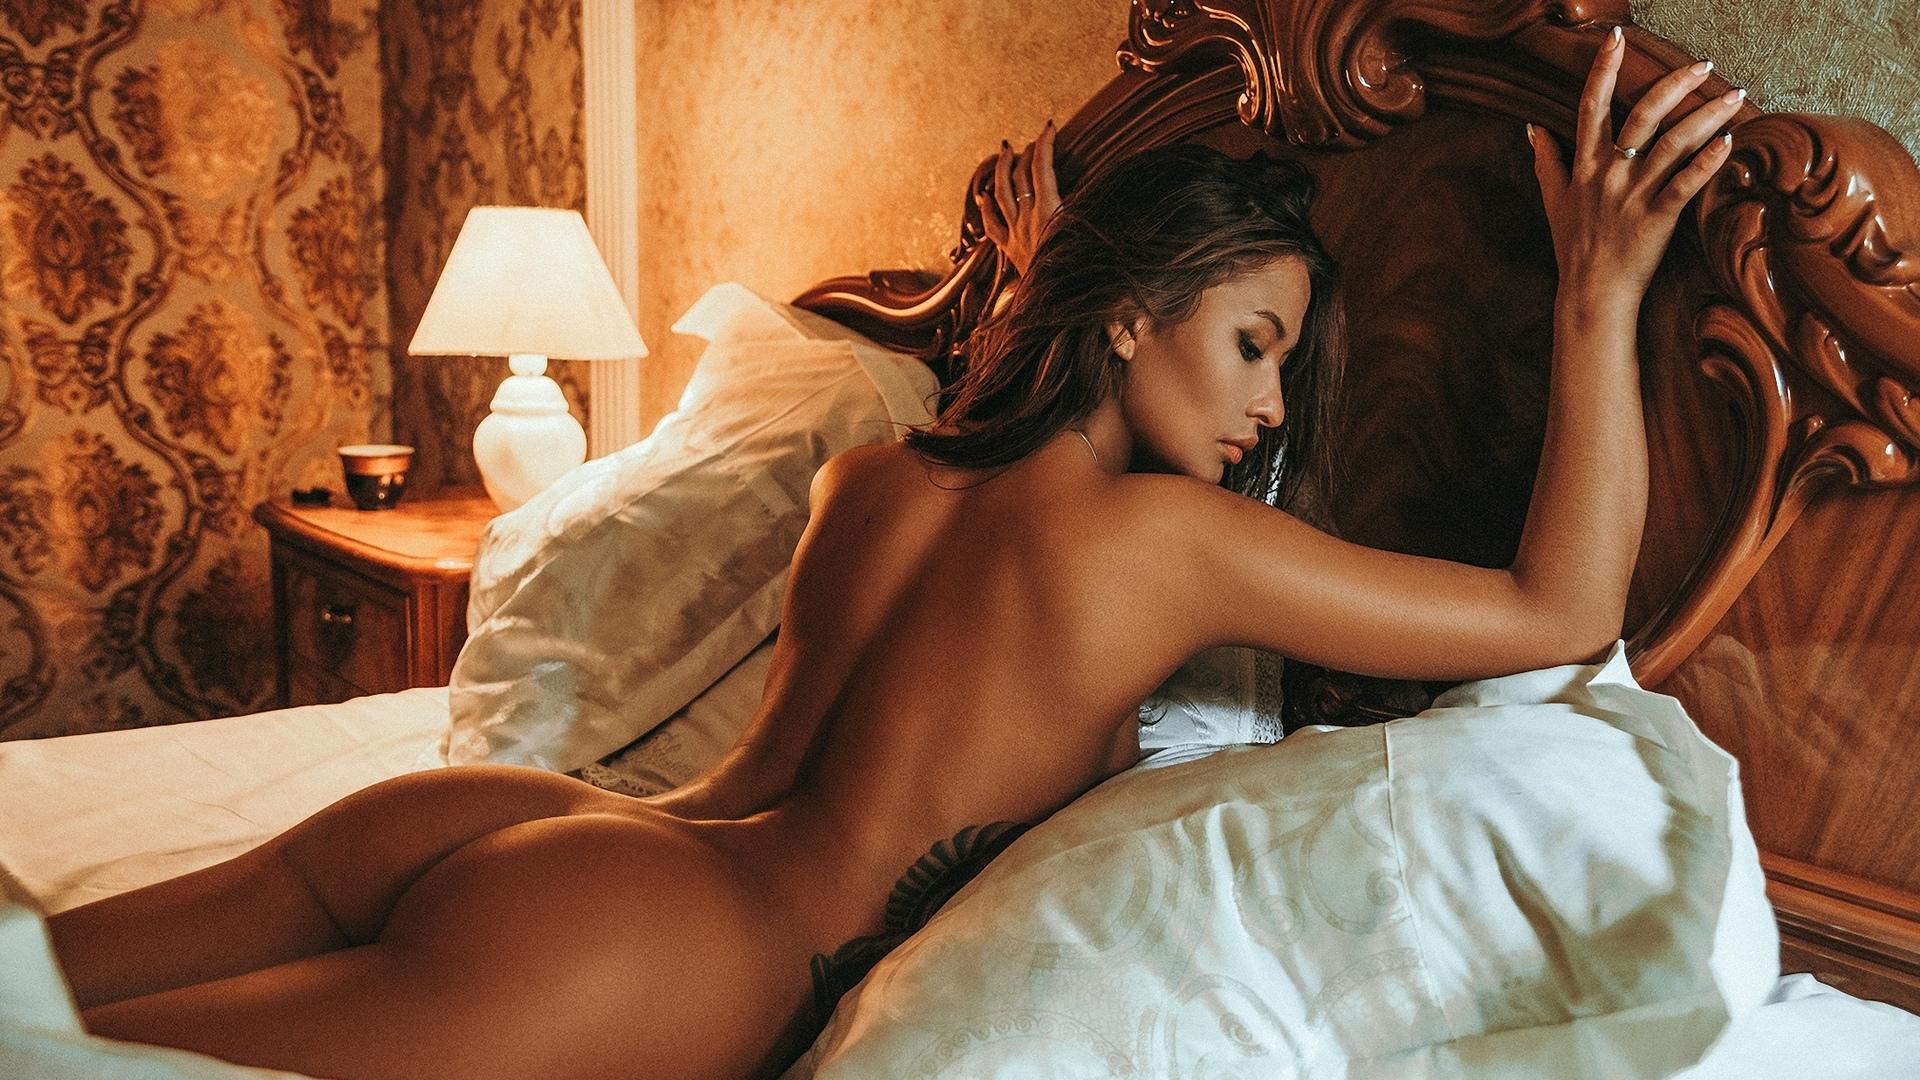 притворяться красивые фотомодели голые в рекламе любим смотреть